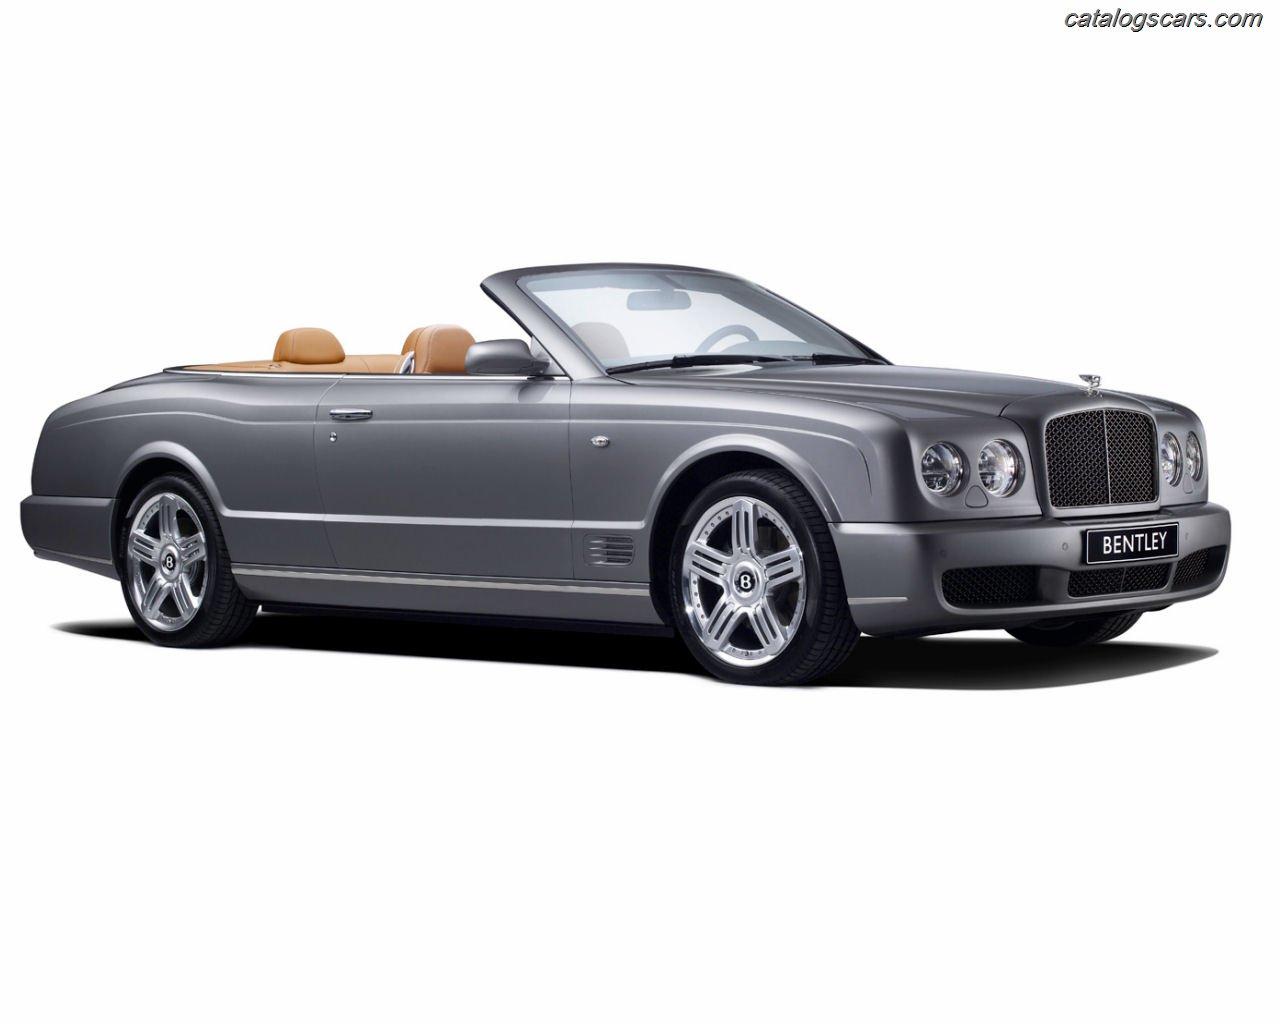 صور سيارة بنتلى ازور 2014 - اجمل خلفيات صور عربية بنتلى ازور 2014 - Bentley Azure Photos Bentley-Azure-2011-07.jpg